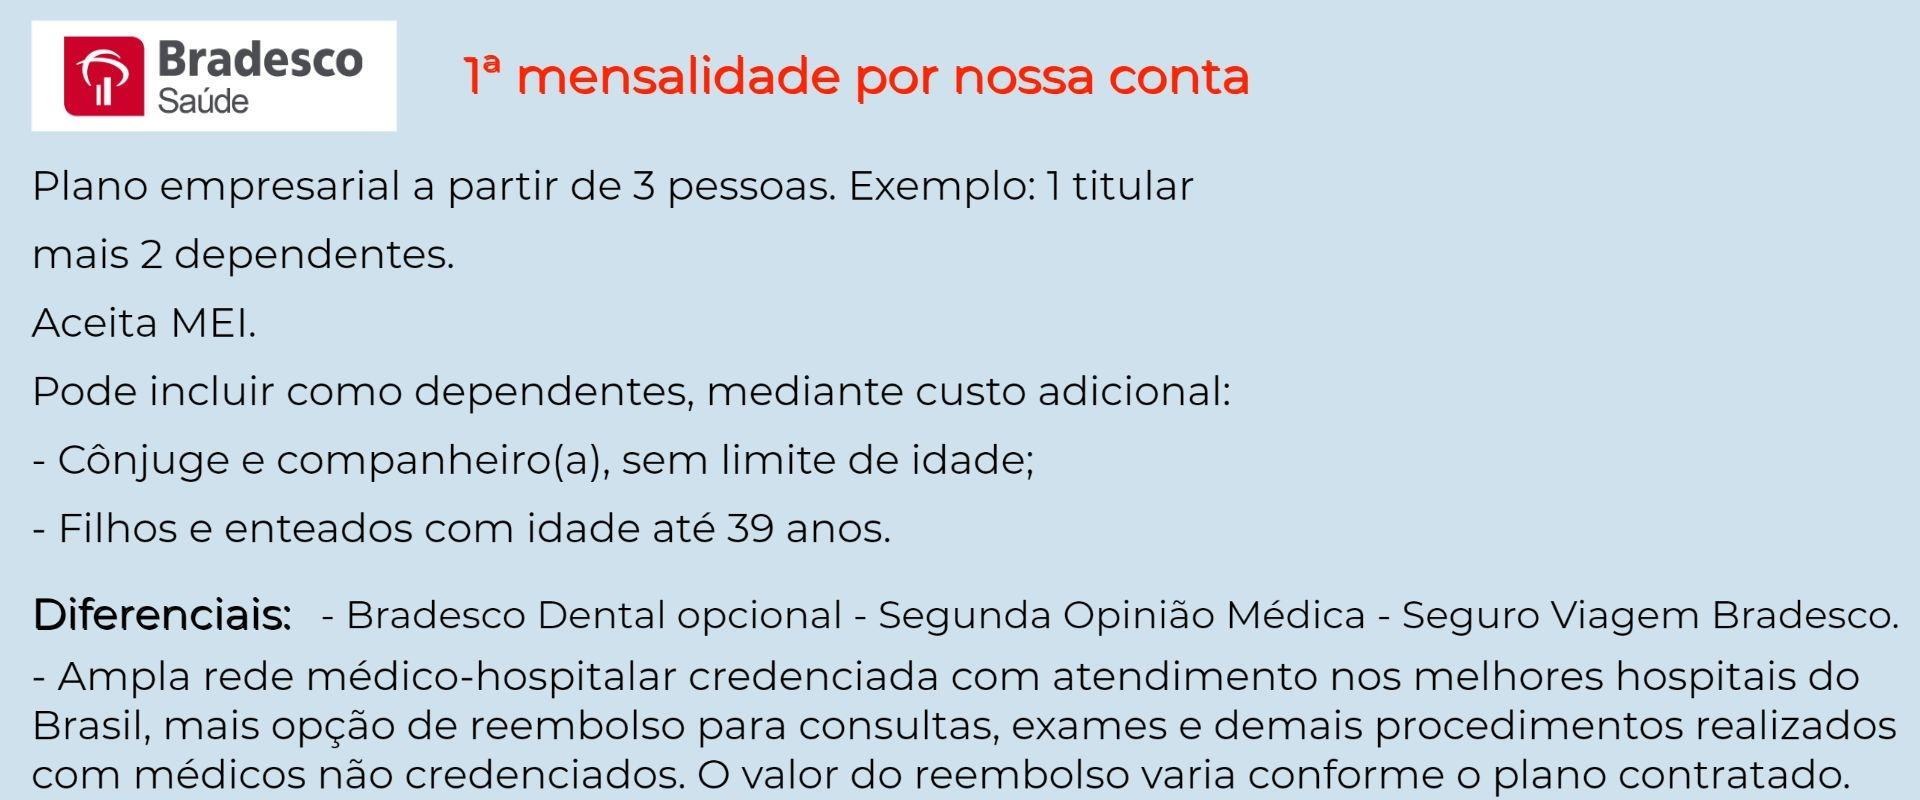 Bradesco Saúde Empresarial - Caçapava